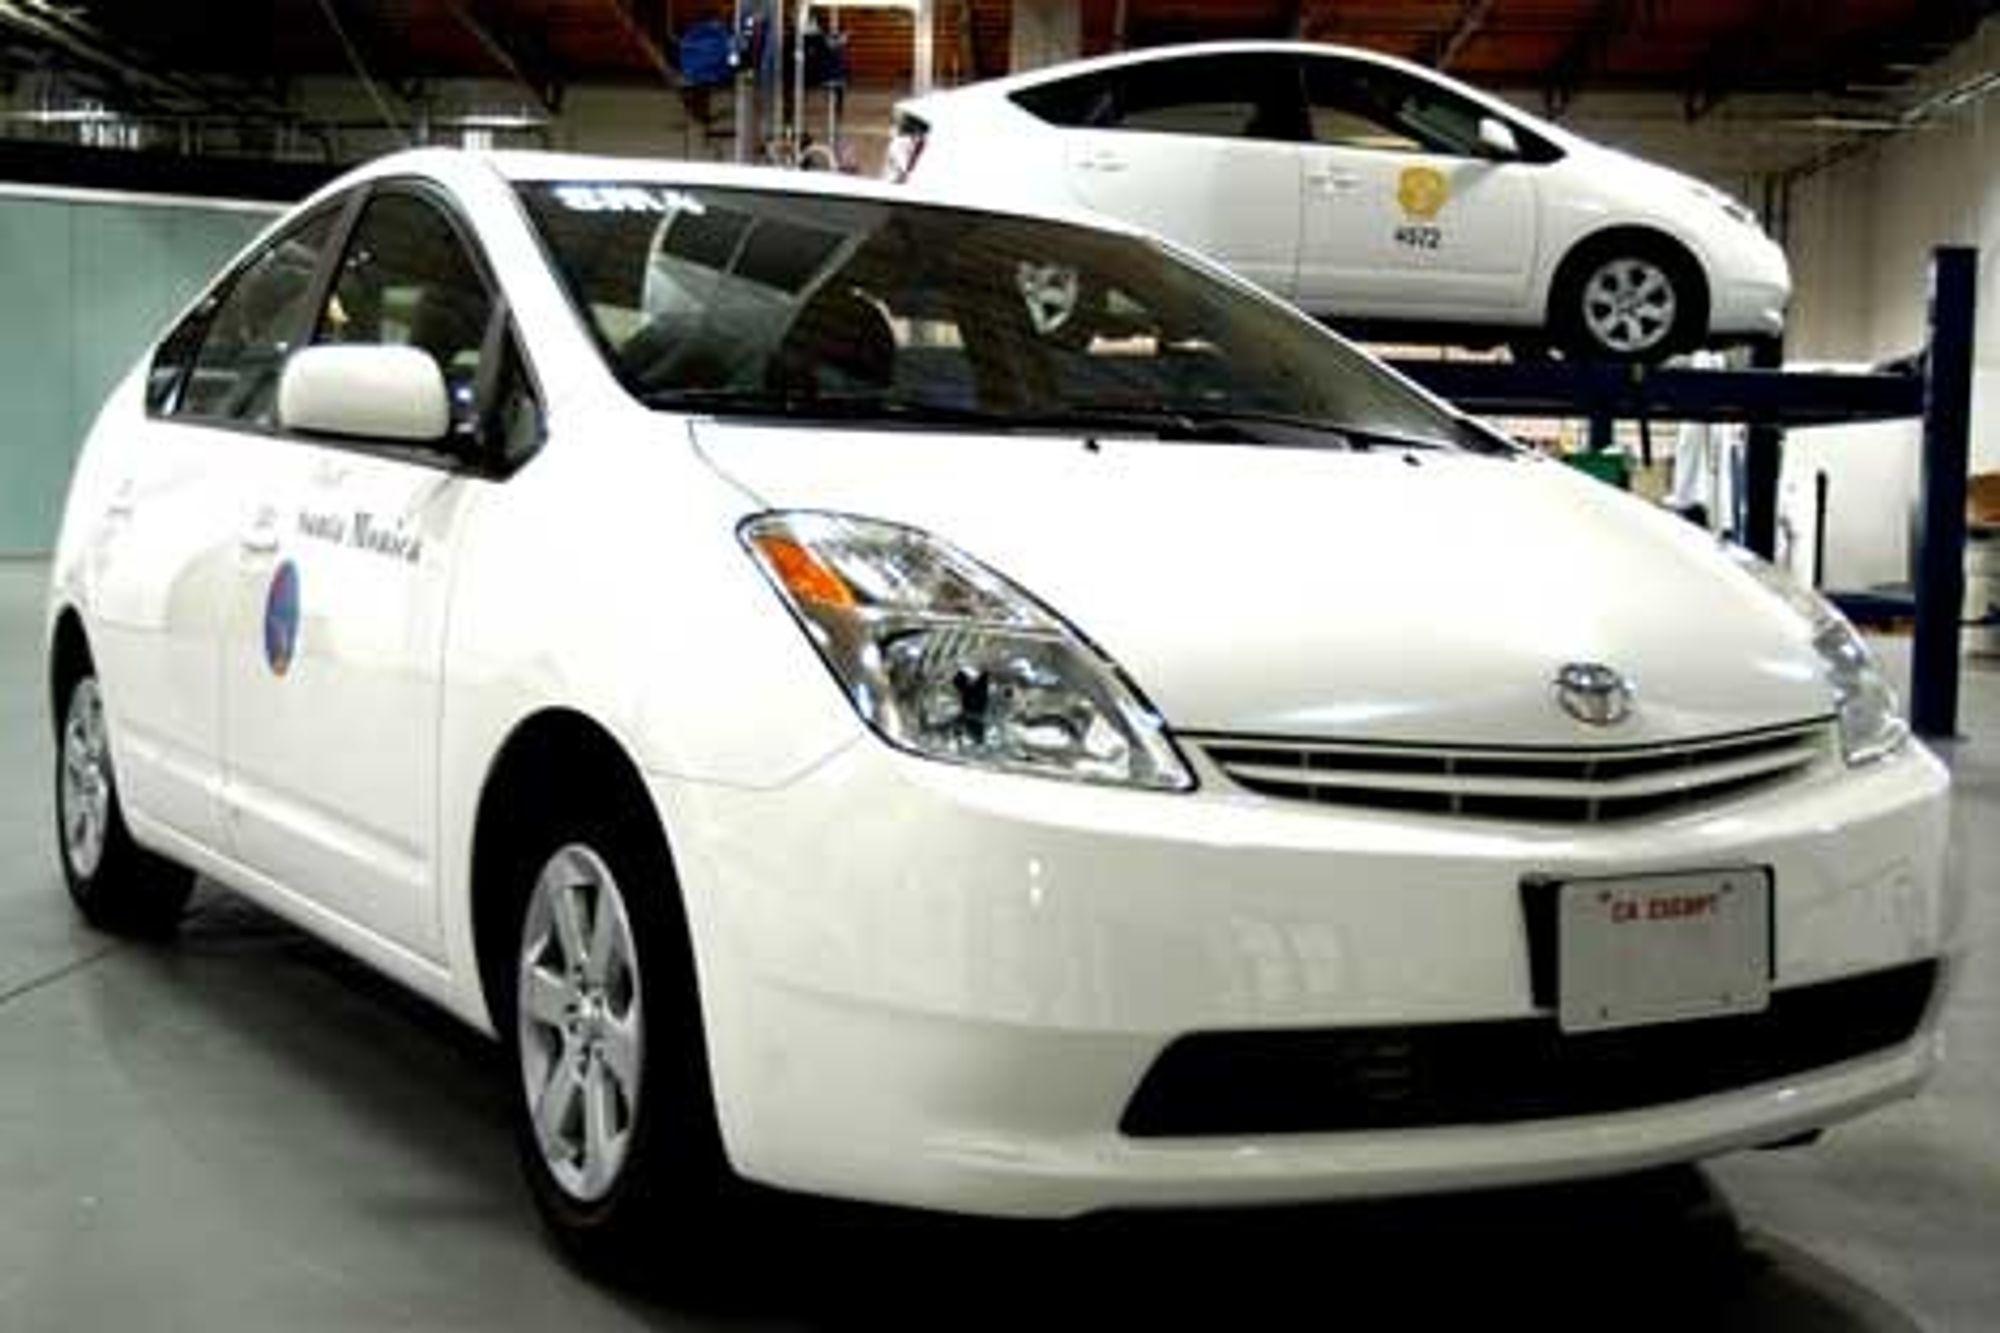 Blant annet bilprodusentene begynner å få fart på hydrogensatsingen. Toyota bygger om en del av sine Prius-modeller til hydrogendrift i California.